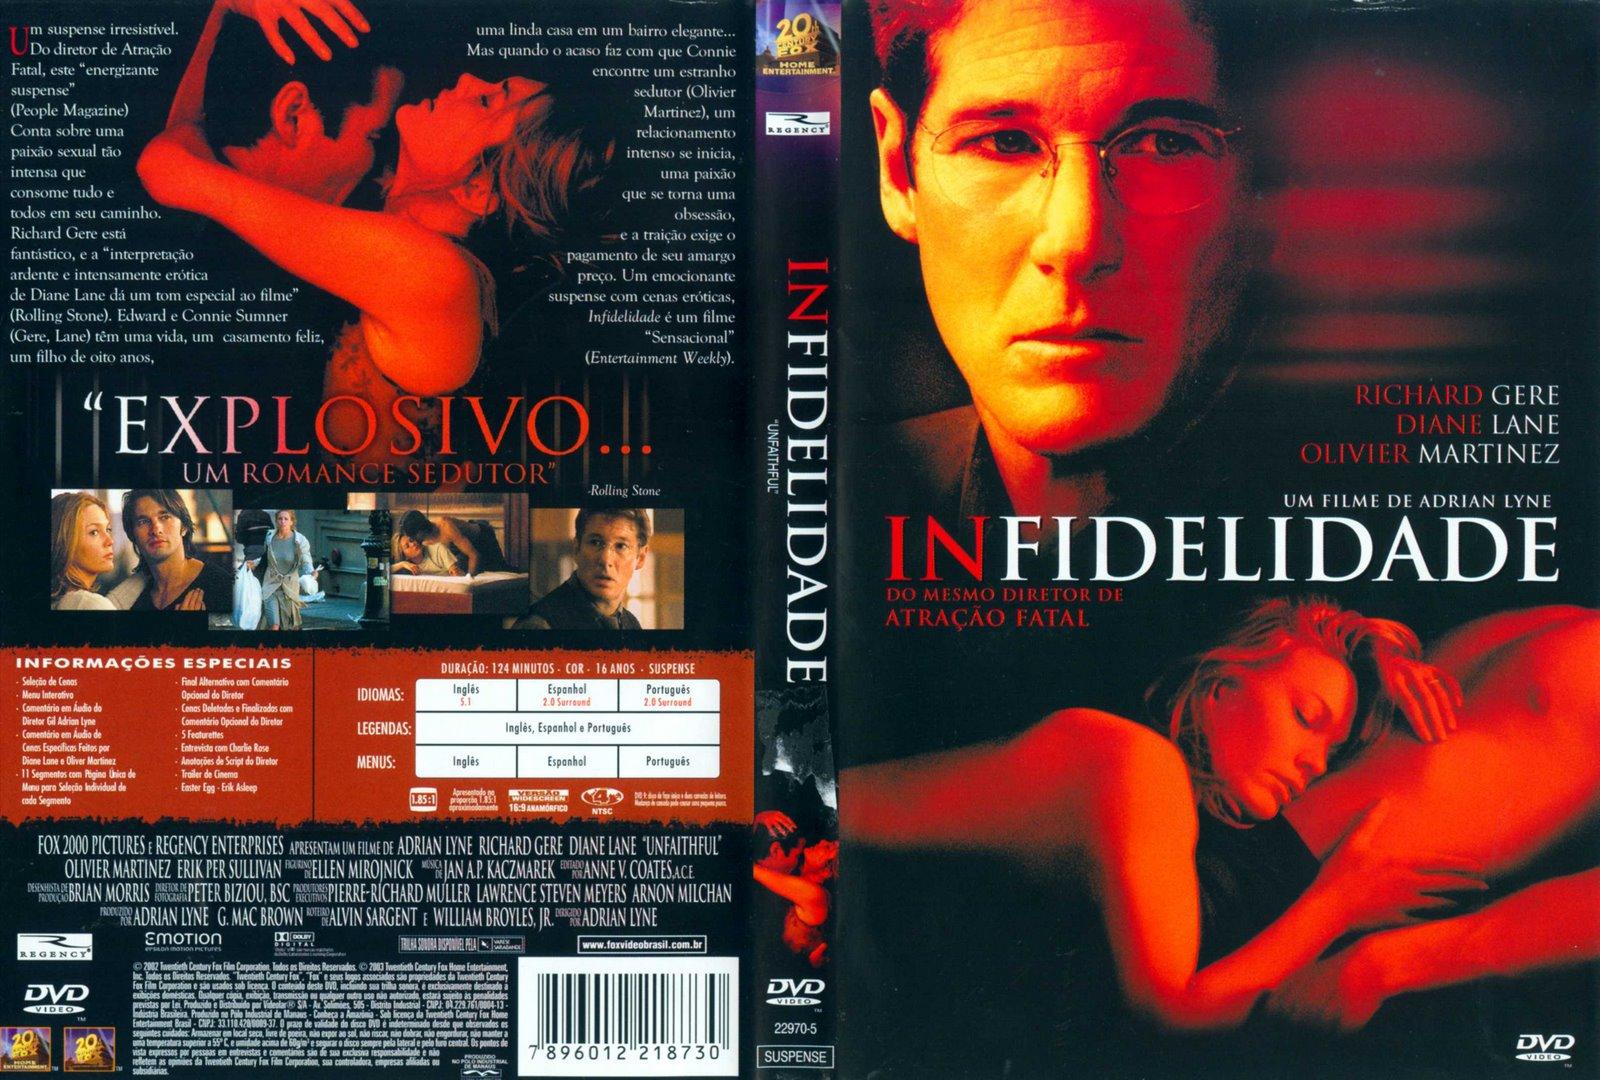 http://2.bp.blogspot.com/_56N_enXK-4o/TEcFlVNvO1I/AAAAAAAAAI8/FjPtu-RQ1bw/s1600/infidelidade.jpg